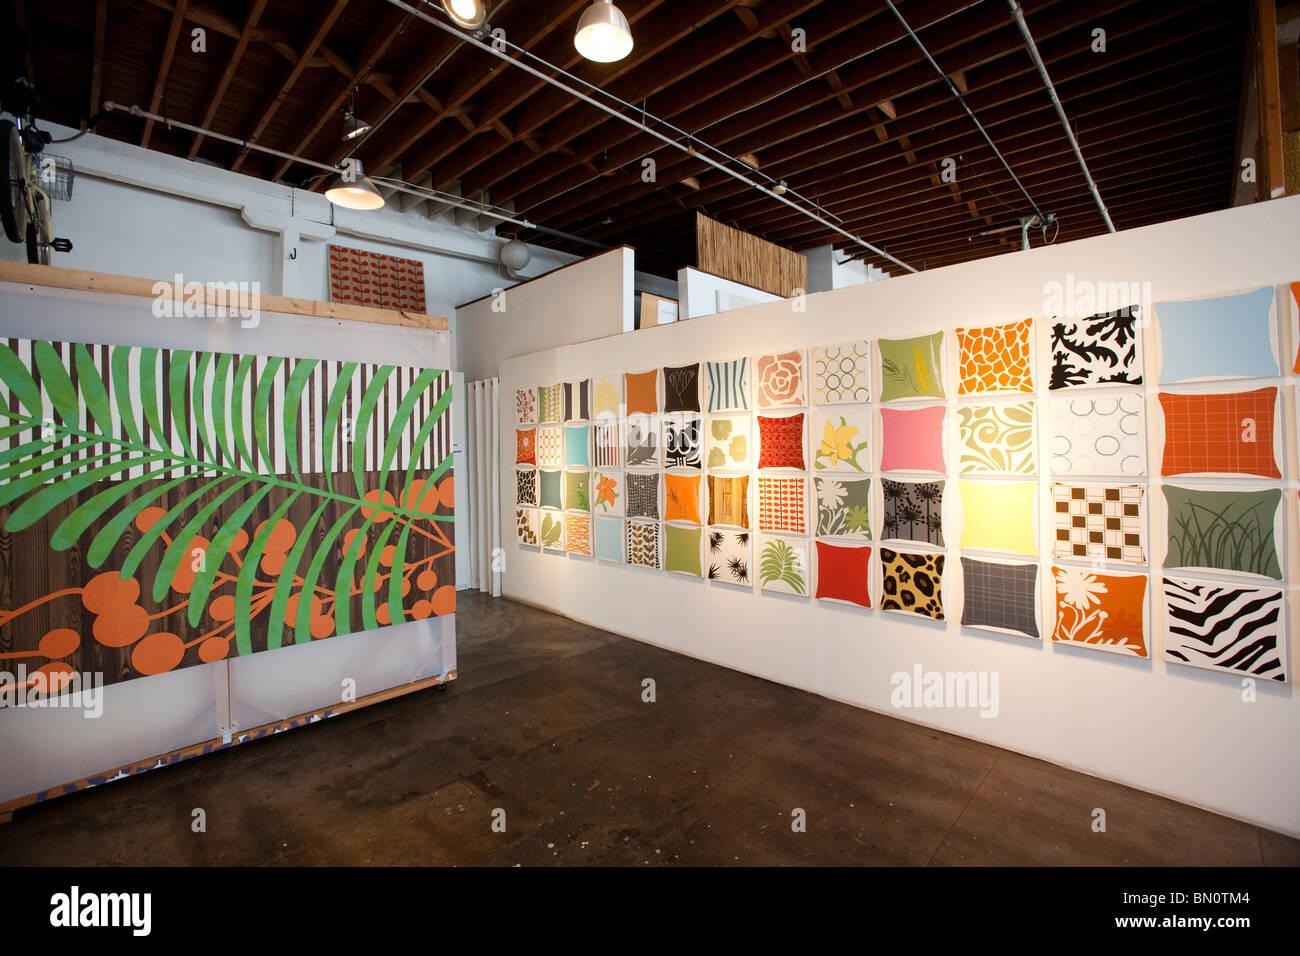 Santa Fe Art Colony Open House Los Angeles California United Stock Photo Alamy